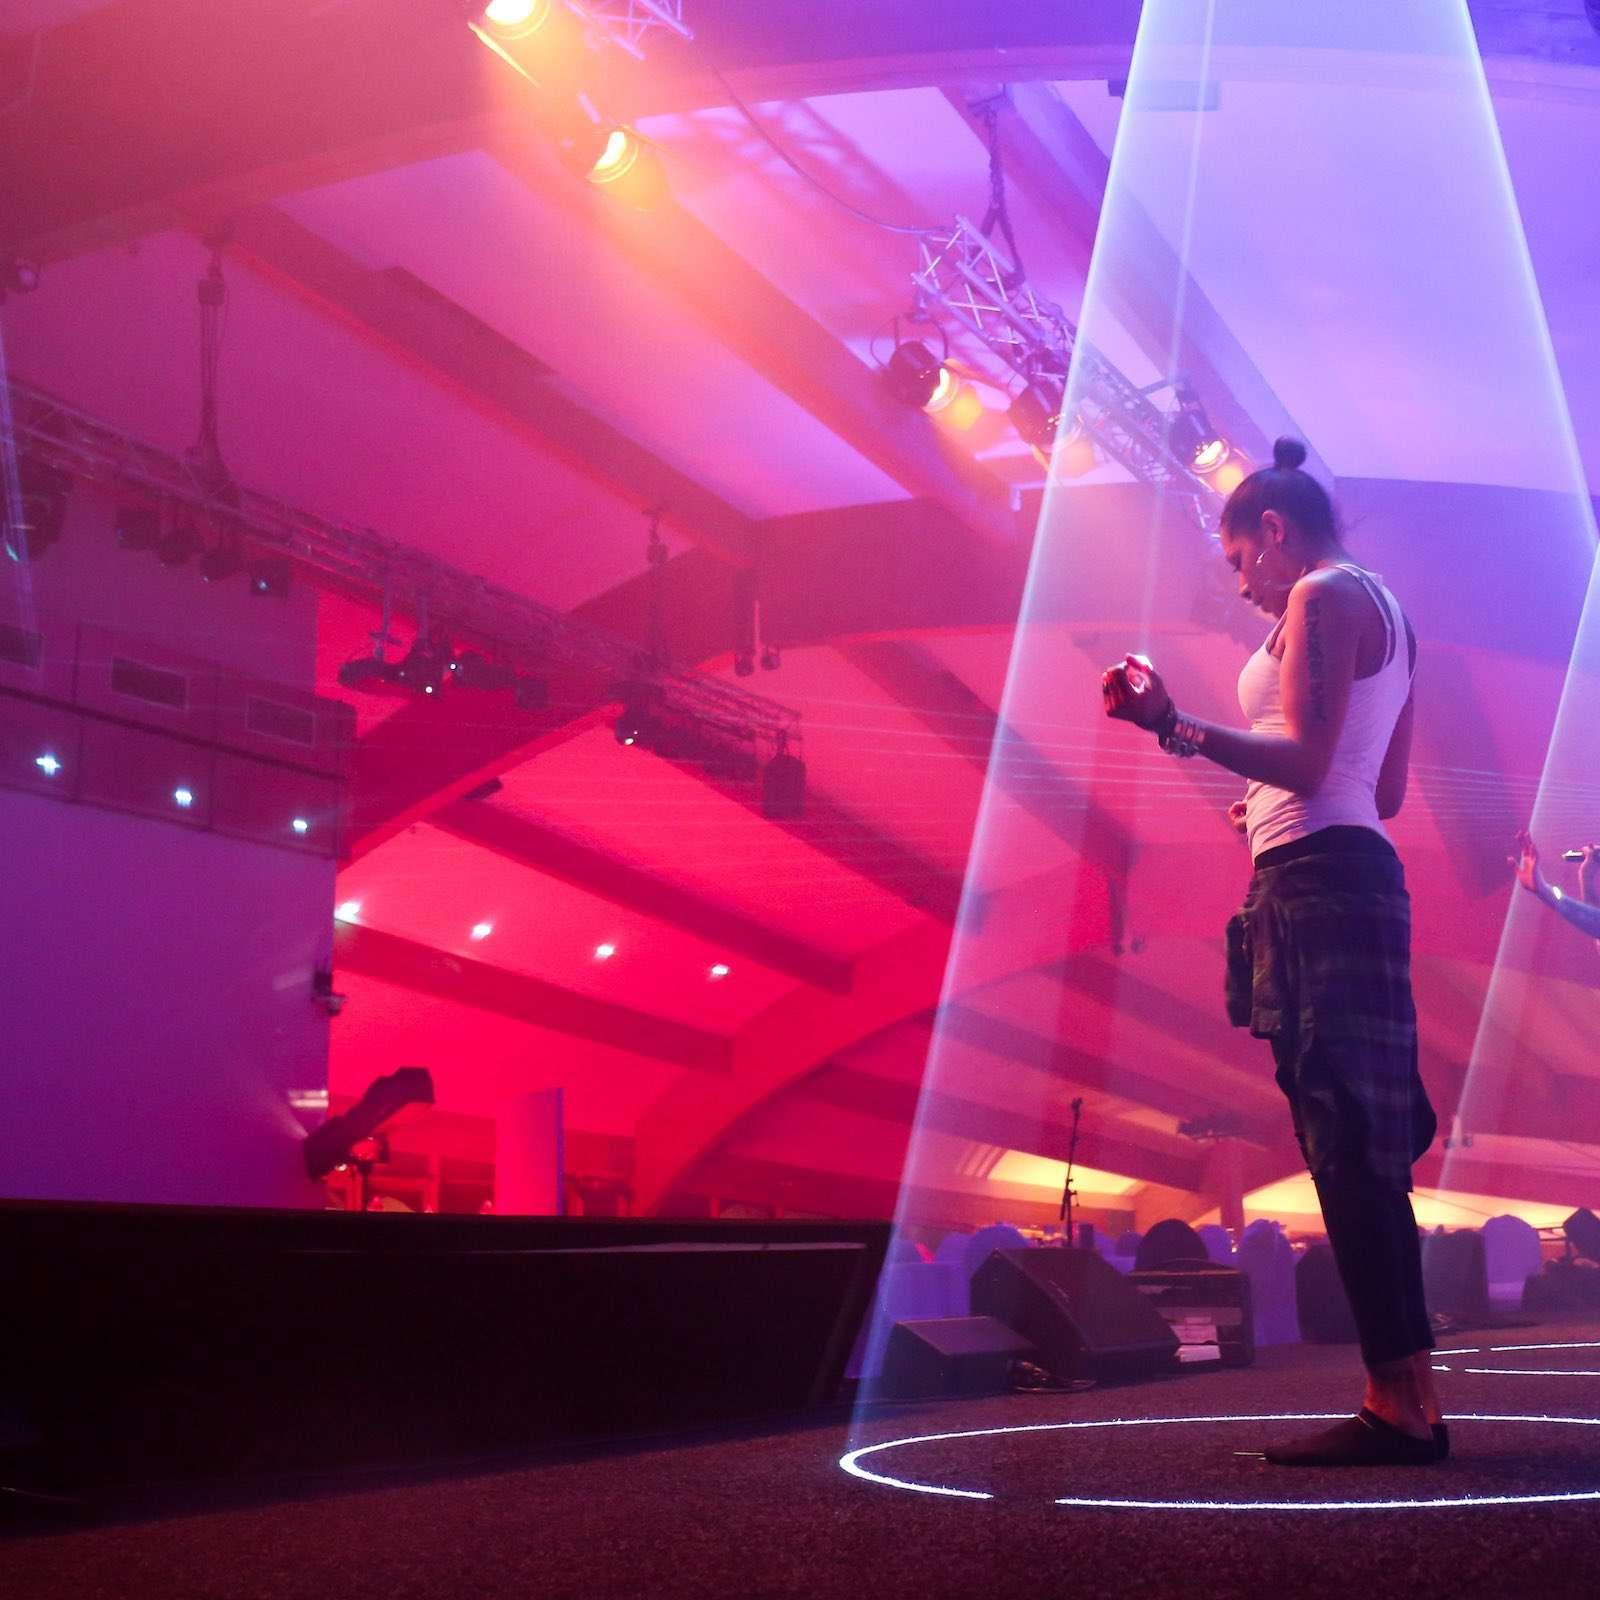 Lasershow |Laser |Lichtshow |Lightshow |Beamshow |Lichttechnik |Outdoor |Indoor |Hochzeit |Bühnenshow |Produkt |Präsentation |Event |Business |Buchen |Anfragen |Lehmann |Eventservice